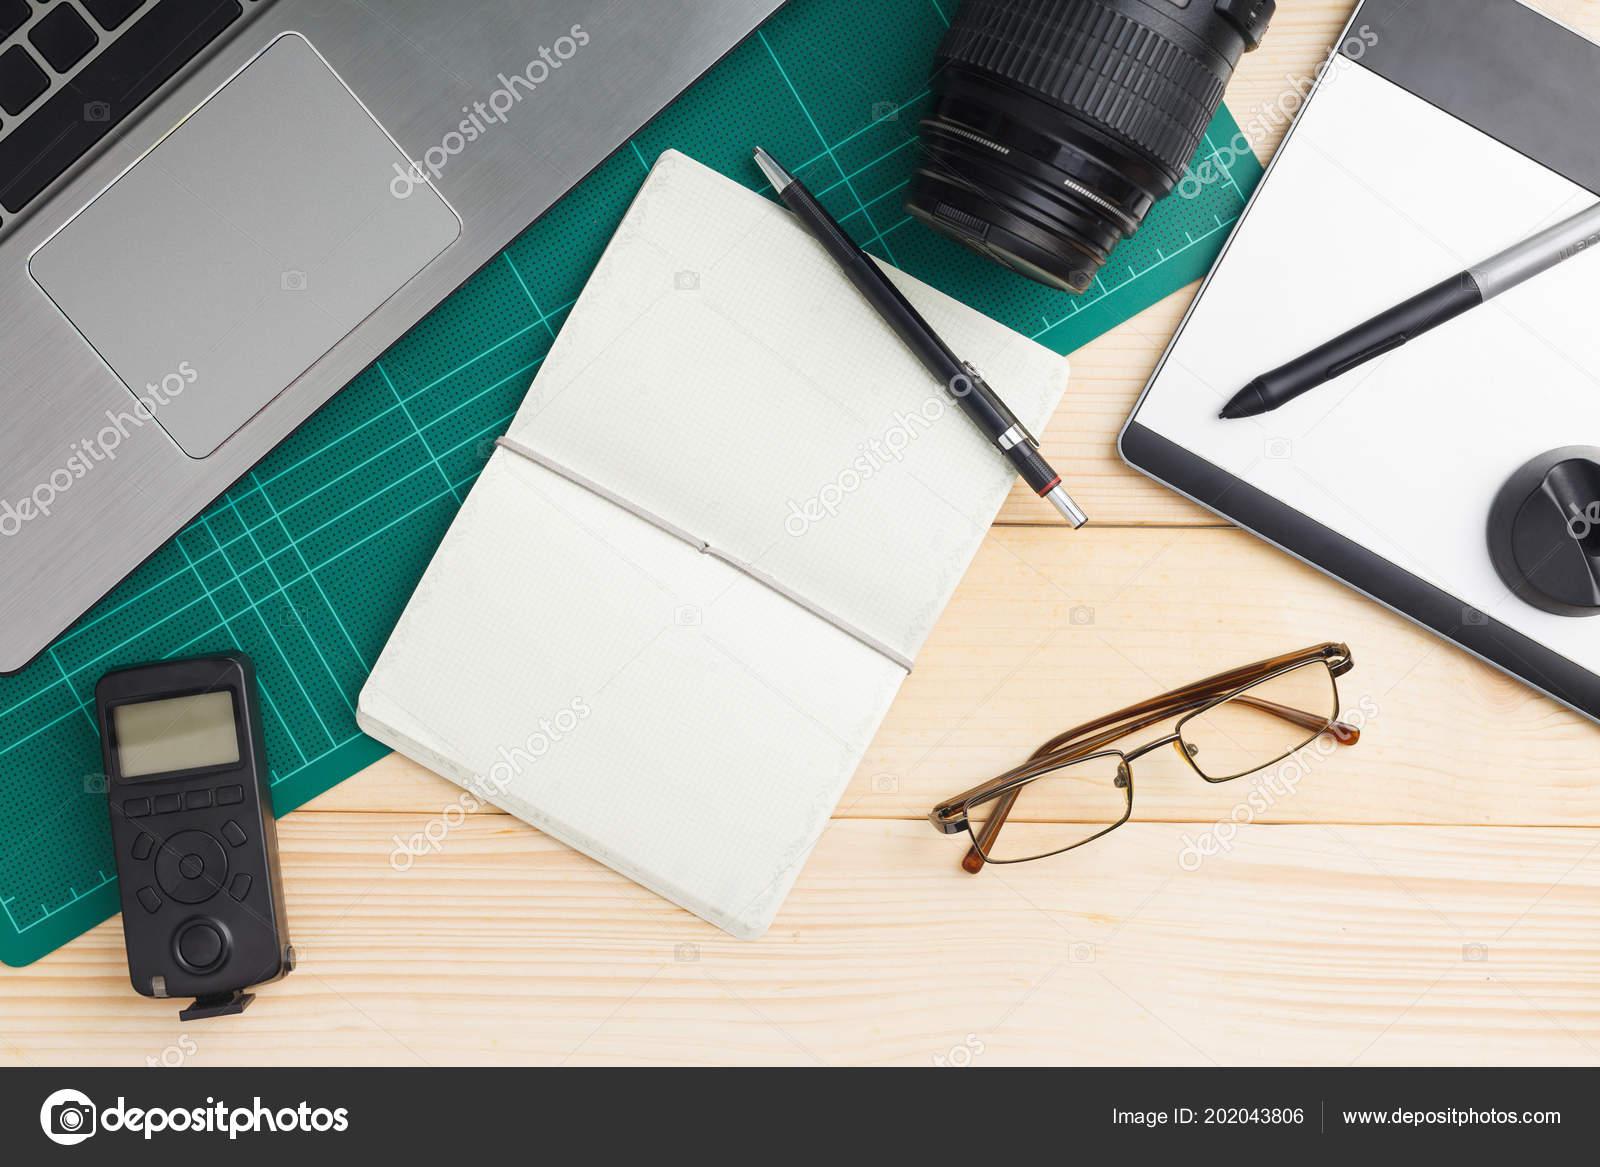 Vue dessus bureau trucs les gadgets sur bureau bois avec